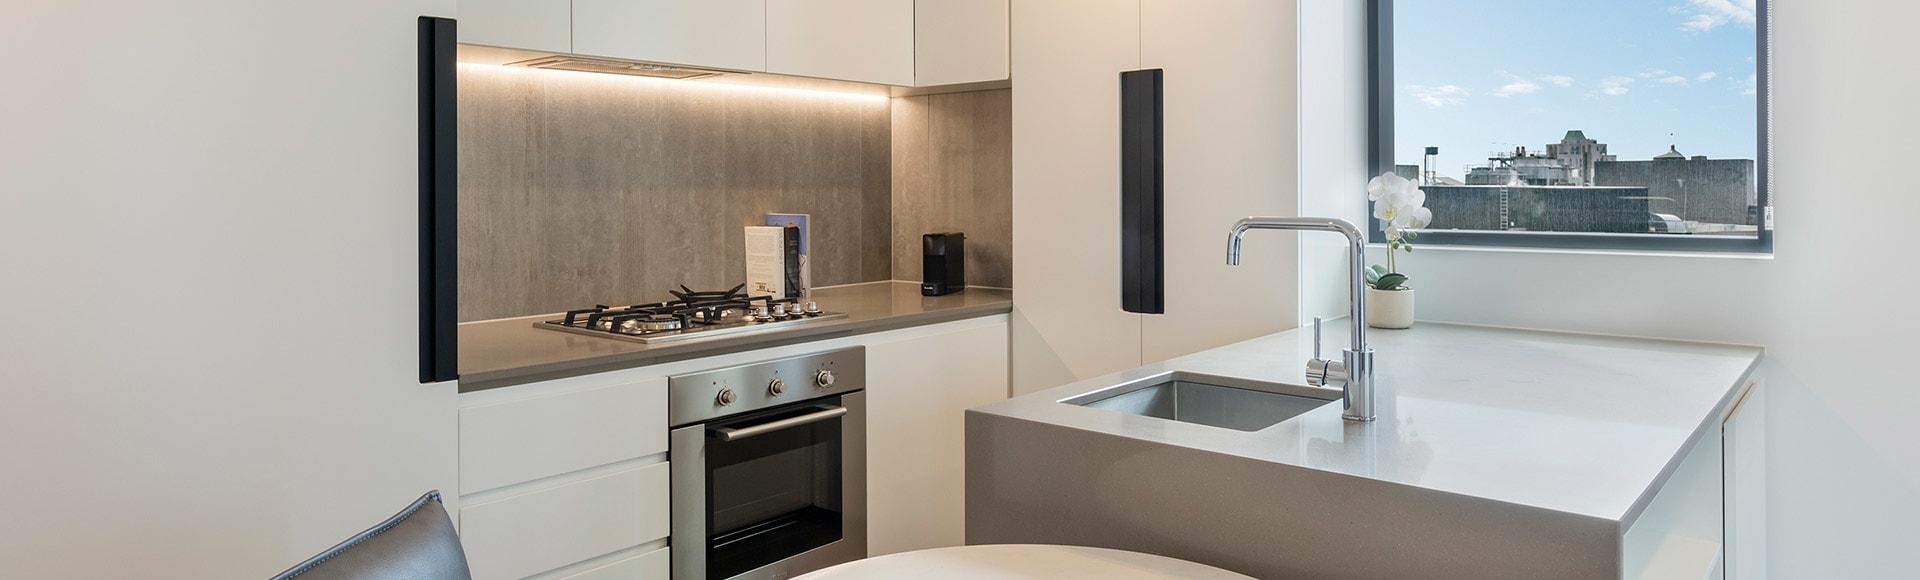 Avani Melbourne Central Residences 1 Bedroom Superior Suite Kitchen